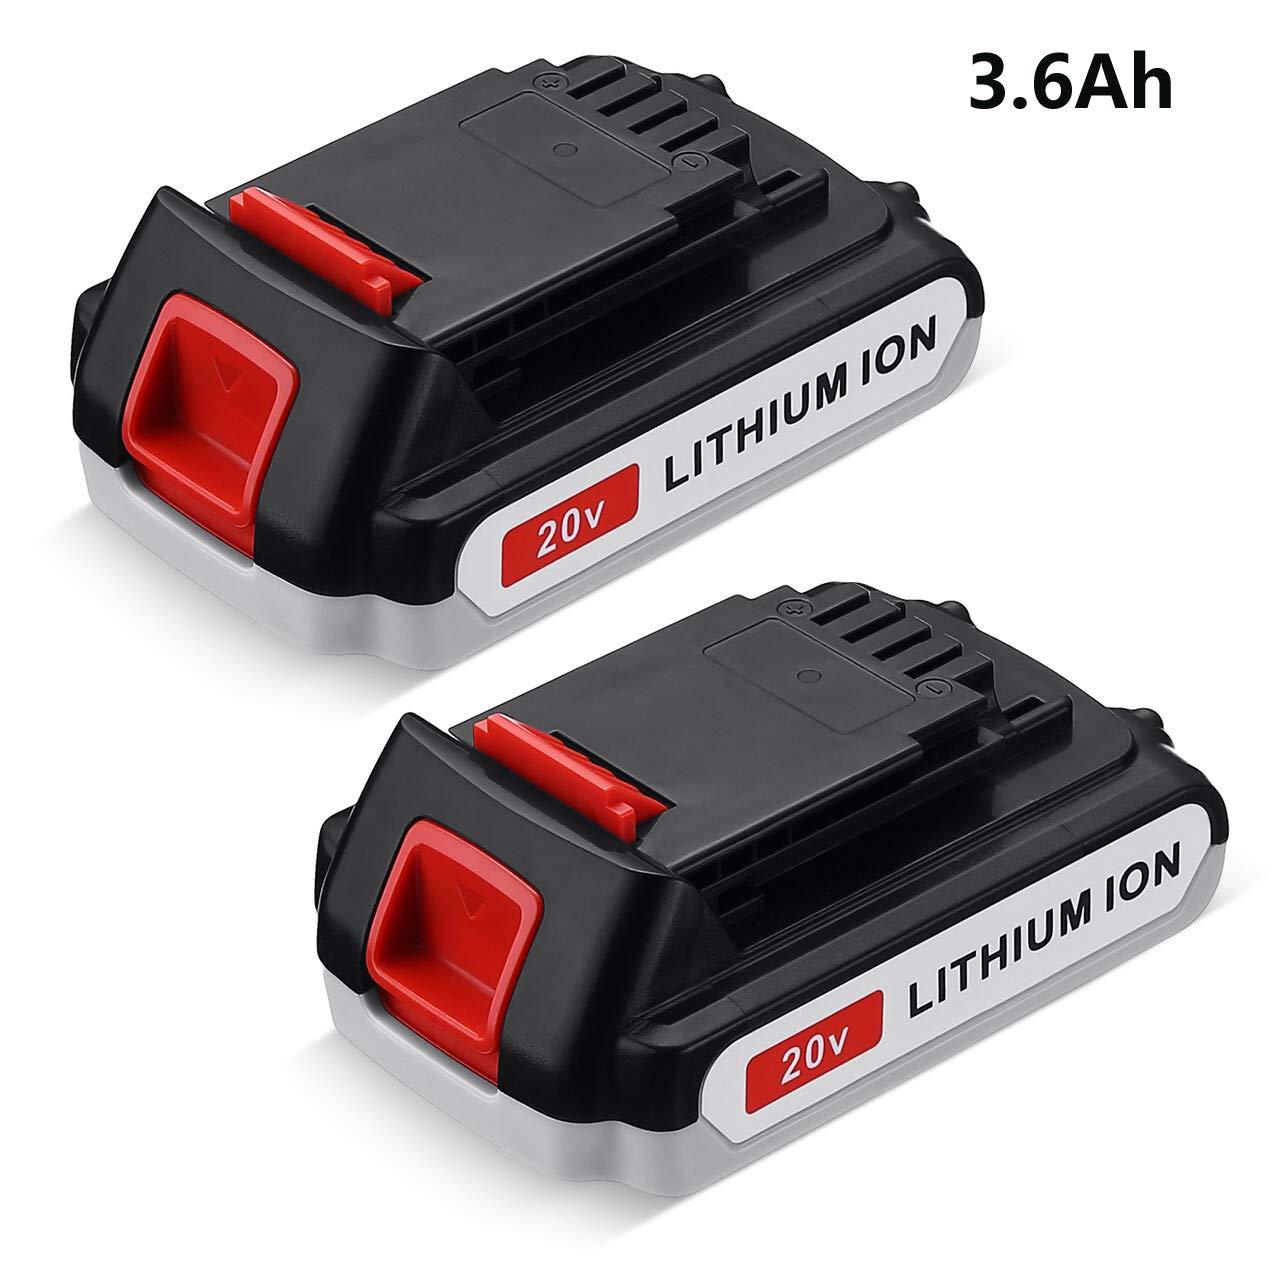 LBXR20 3.6Ah 2Packs for Black+Decker 20V Battery Lithium - LB20 LBX20 LST220 LBXR2020-OPE LBXR20B-2 LB2X4020 Cordless Tool Battery Extended Run Time